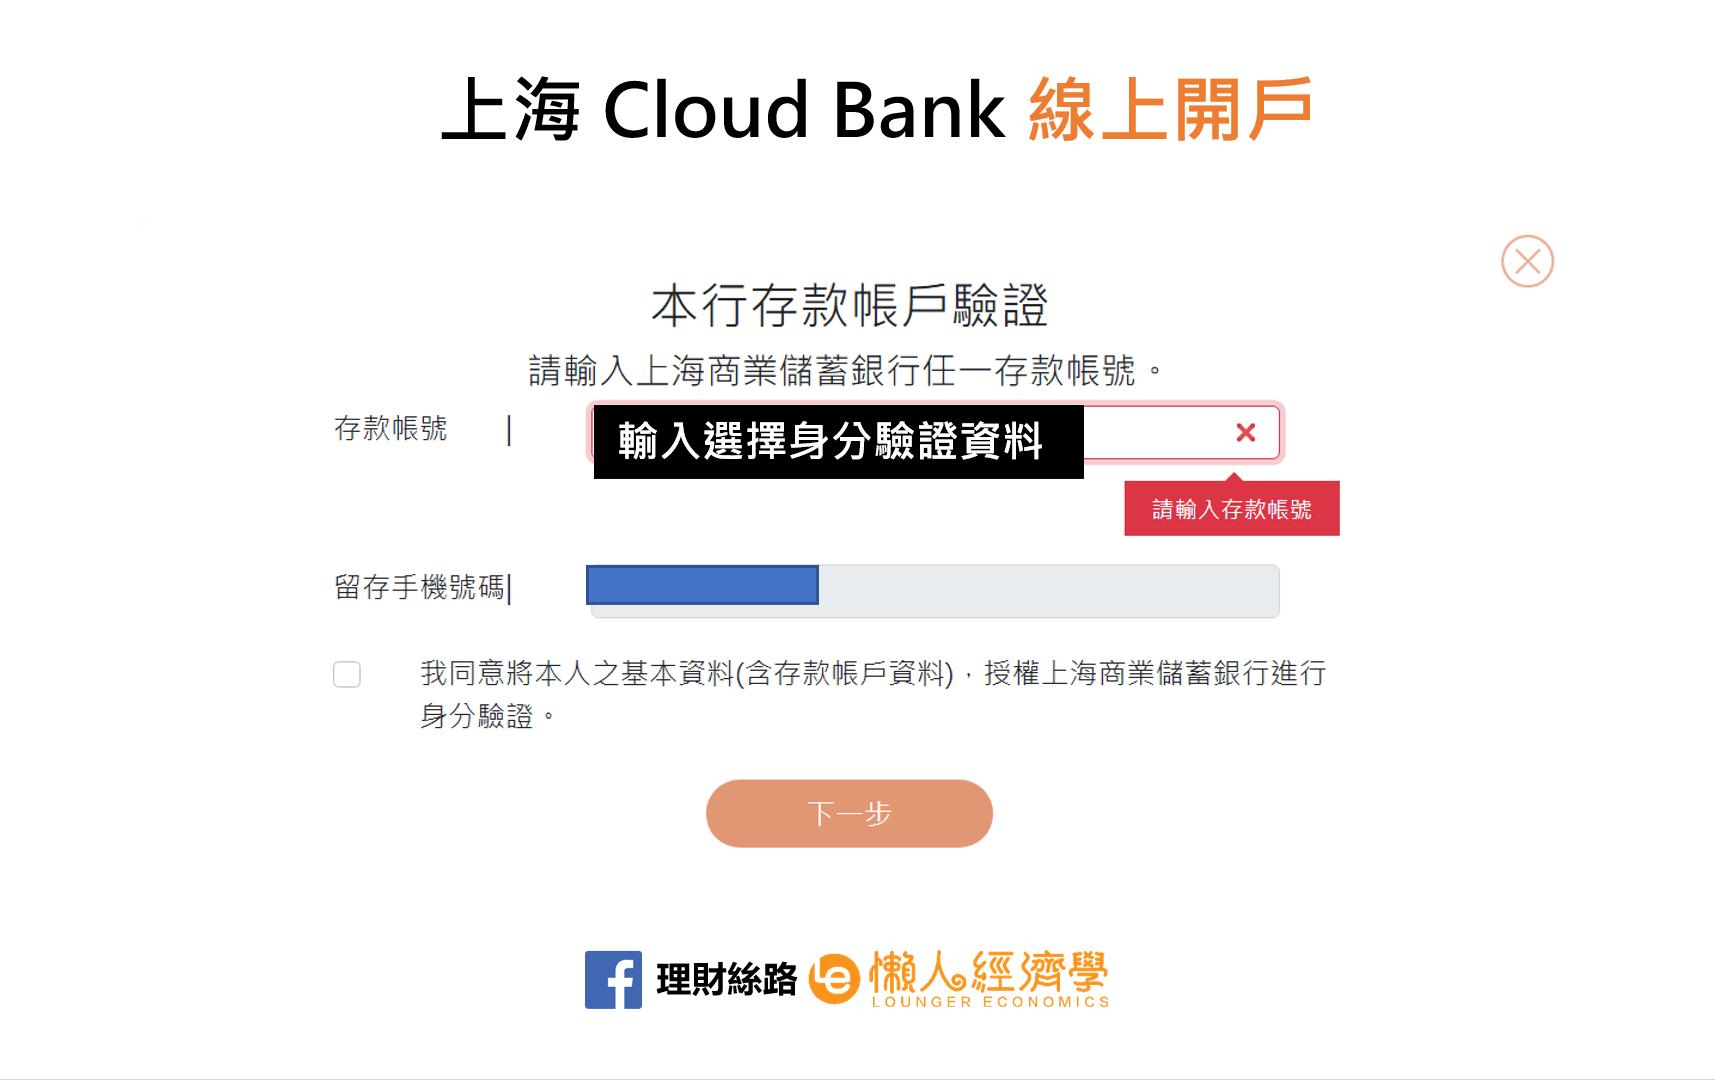 上海Cloud Bank身分驗證